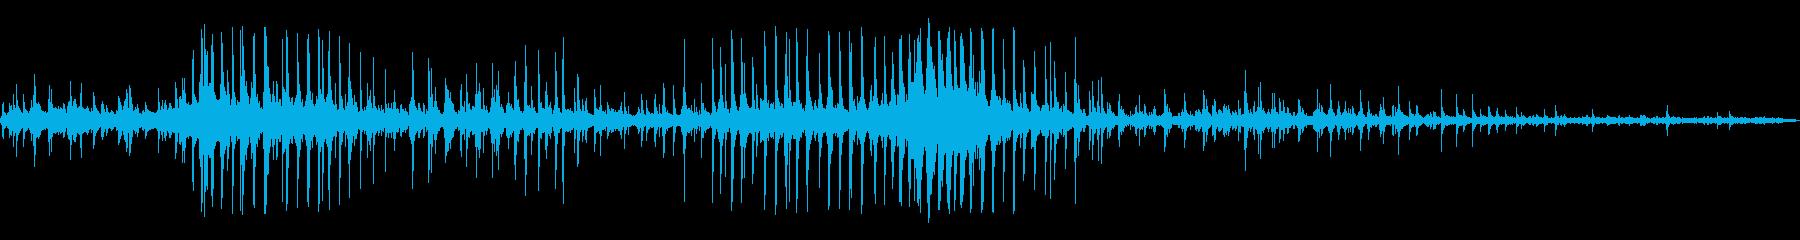 ノッキングを振る金属の再生済みの波形